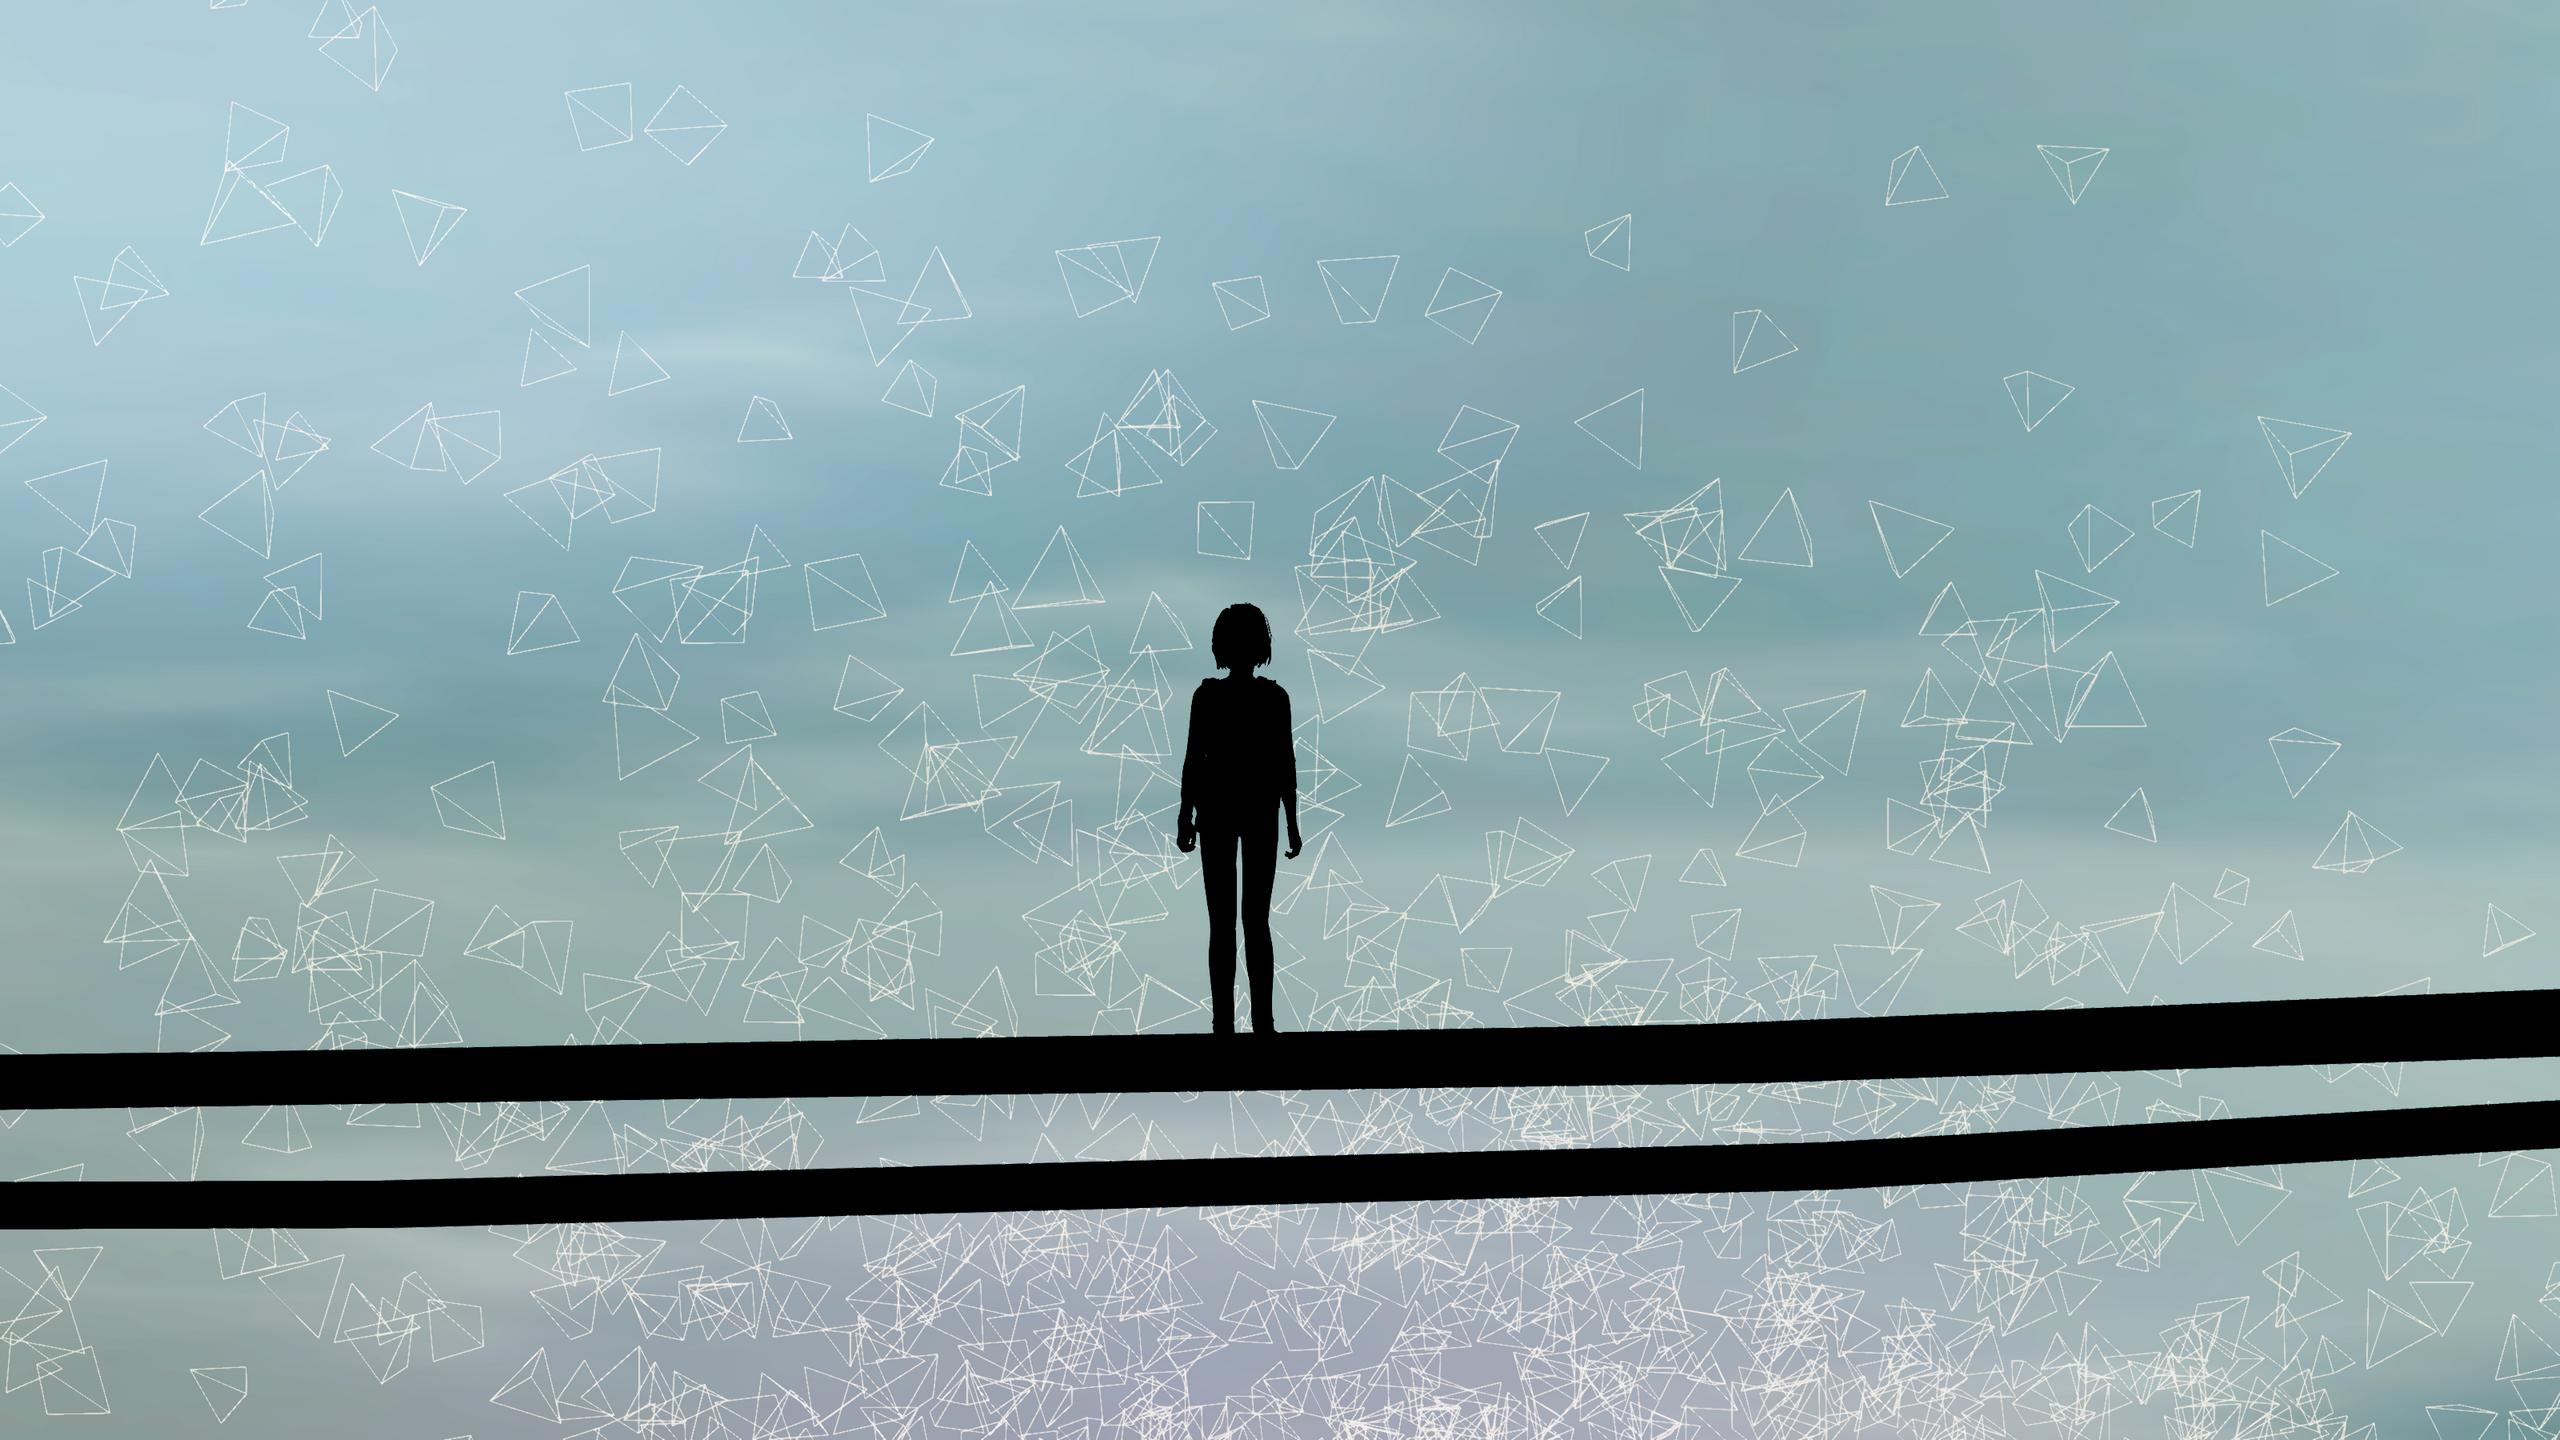 Wallpaper : lifeisstrange, lis, life, strange